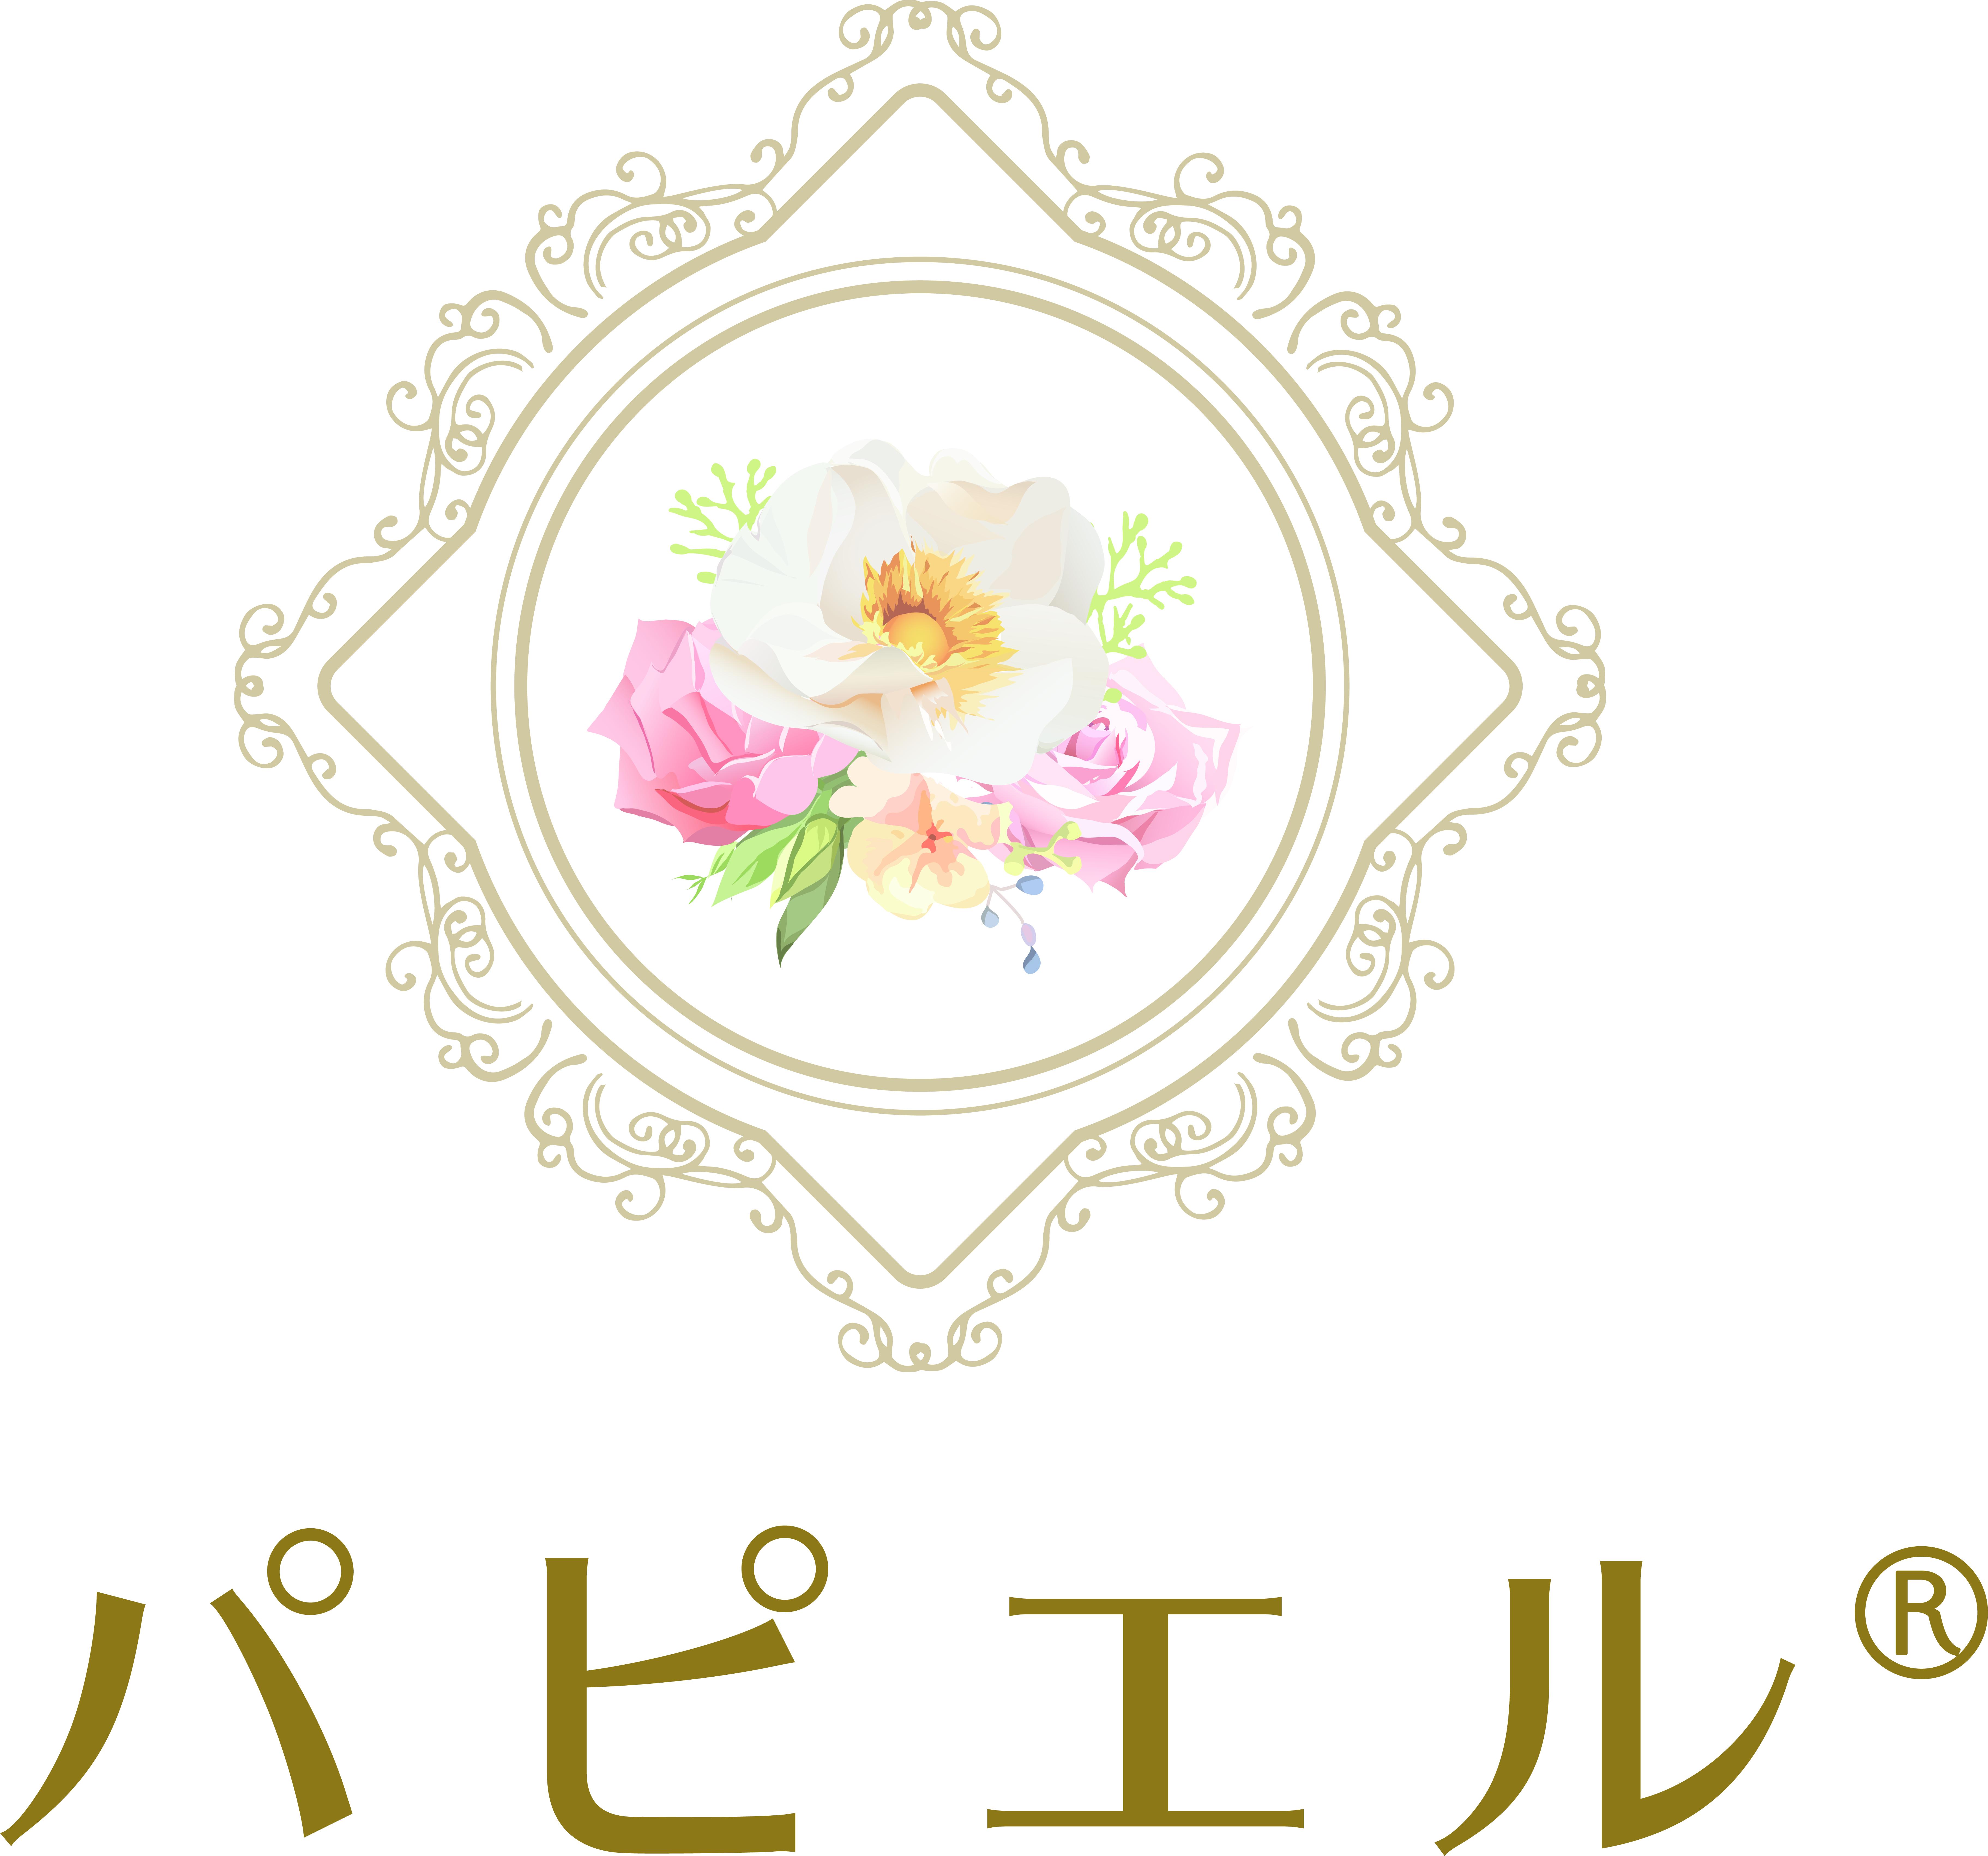 ハンドメイド通信講座・ハンドメイド教室【パピエル®】一般社団法人パピエル協会